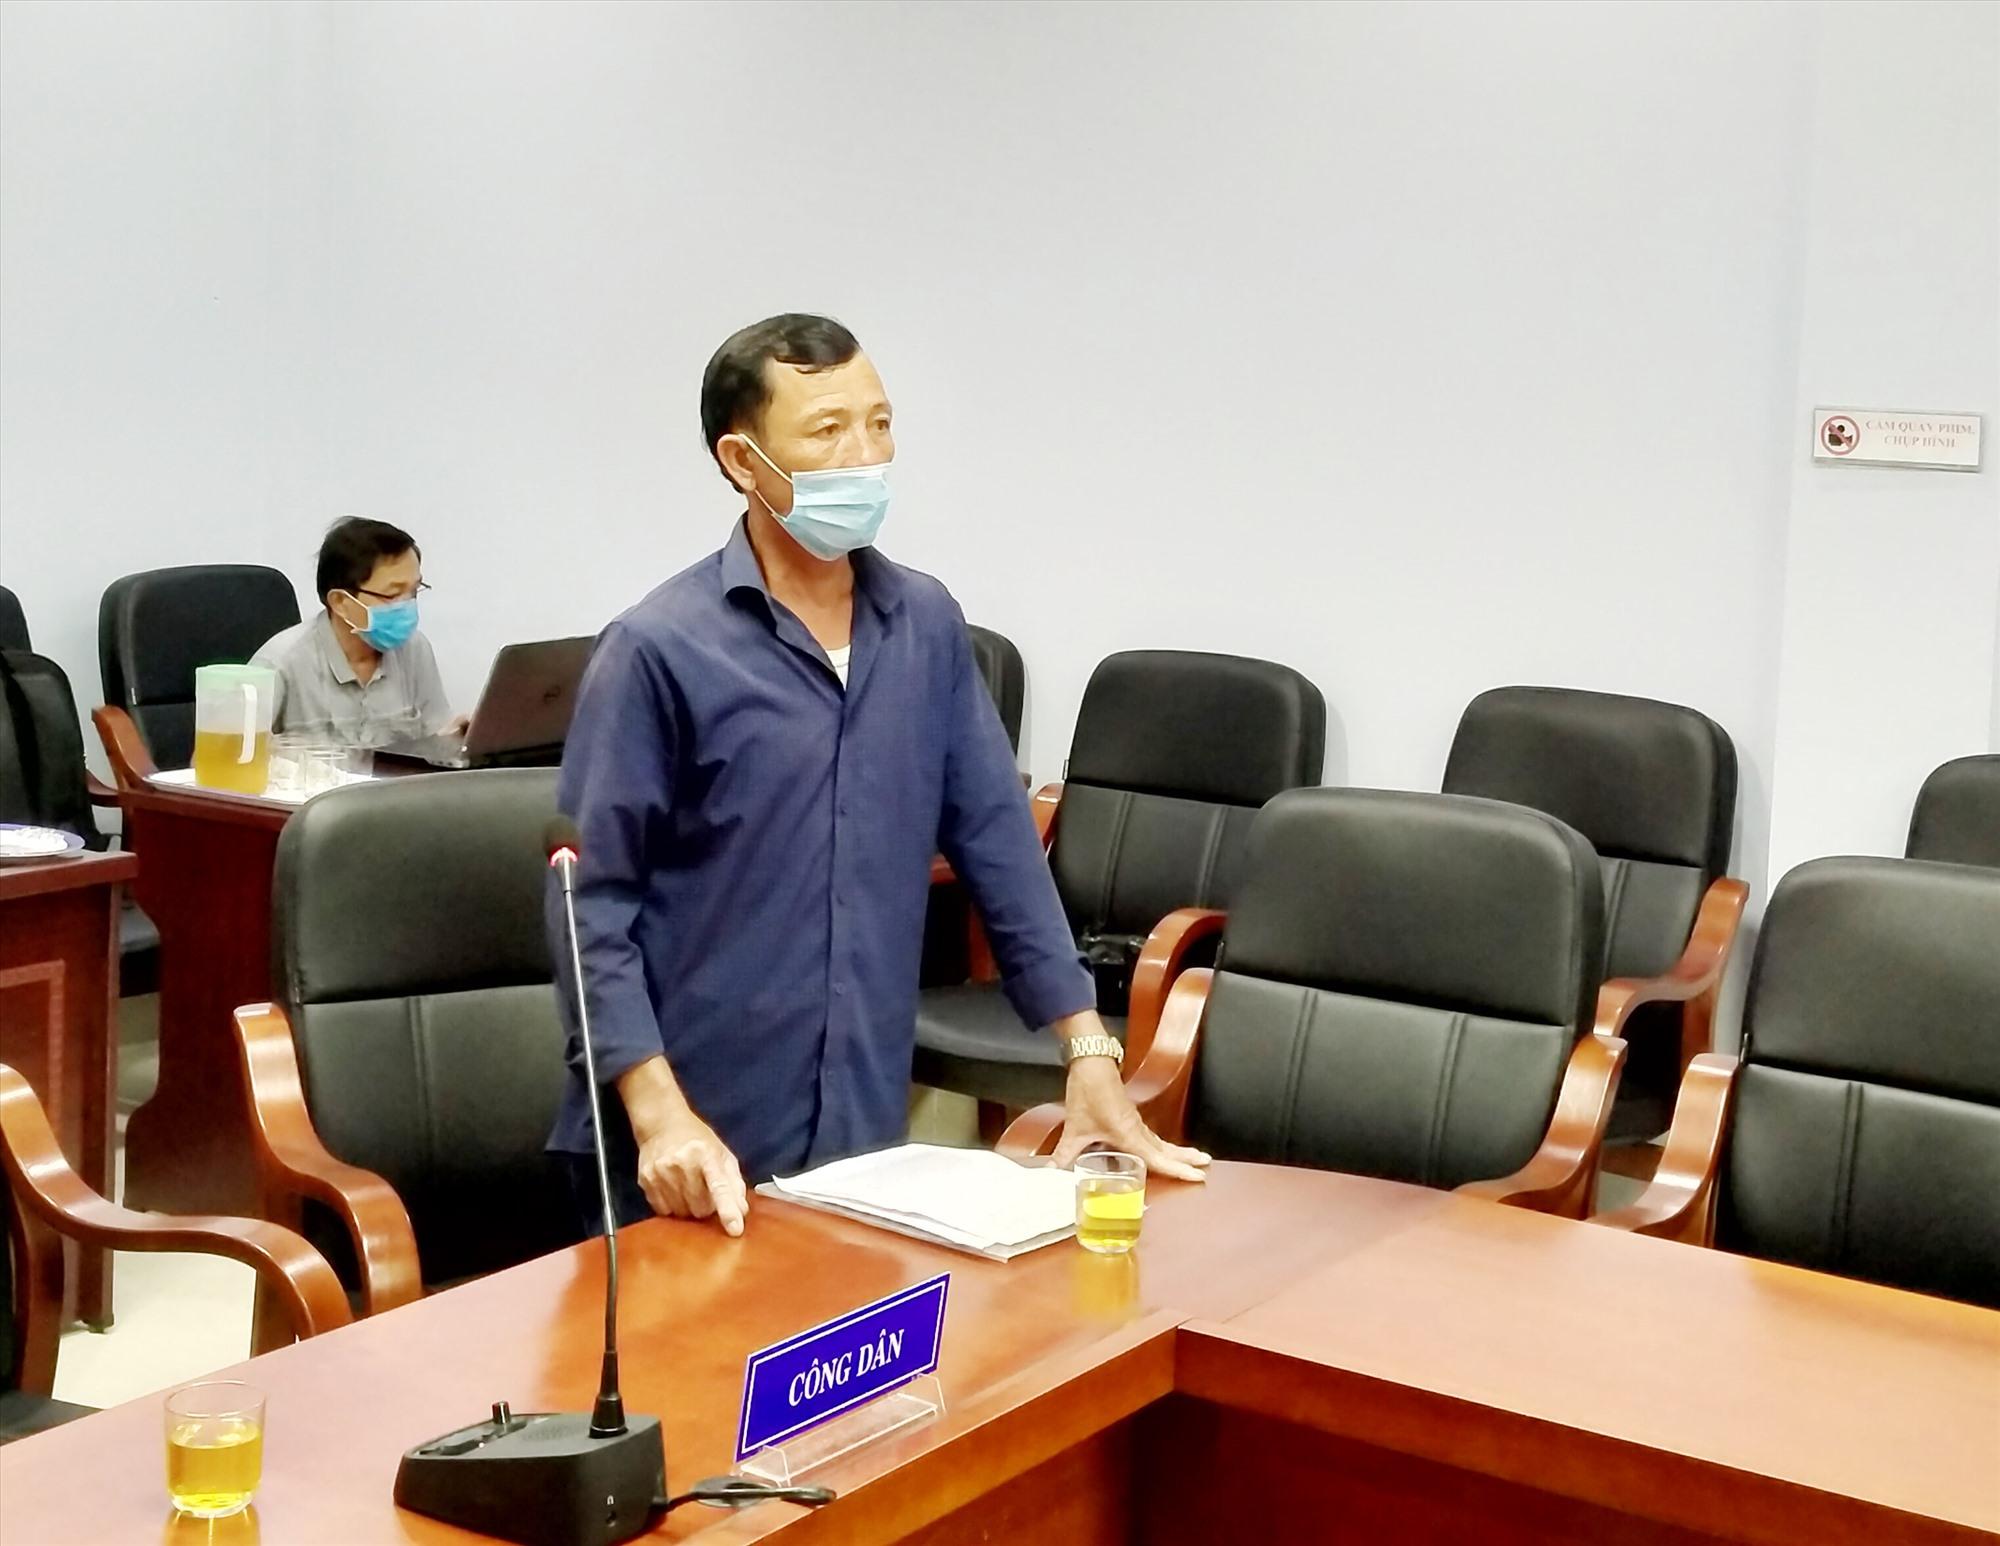 Ông Đỗ Duy Hùng phản ánh sự việc với Đoàn đại biểu Quốc hội tỉnh tại buổi tiếp dân định kỳ tháng 5.2021. Ảnh: N.Đ